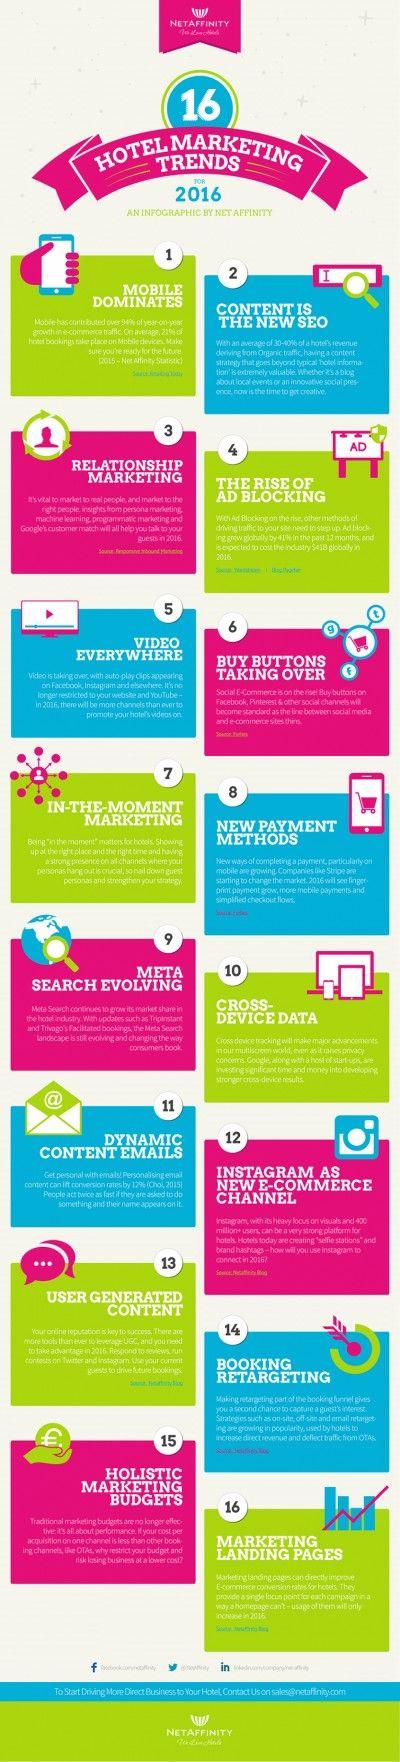 Infografía de Net Affinity. Marketing hotelero: 16 tendencias para 2016. El marketing online está creciendo rápidamente y hay que cambiar con él. Hosteltur, portal líder en noticias sobre turismo.